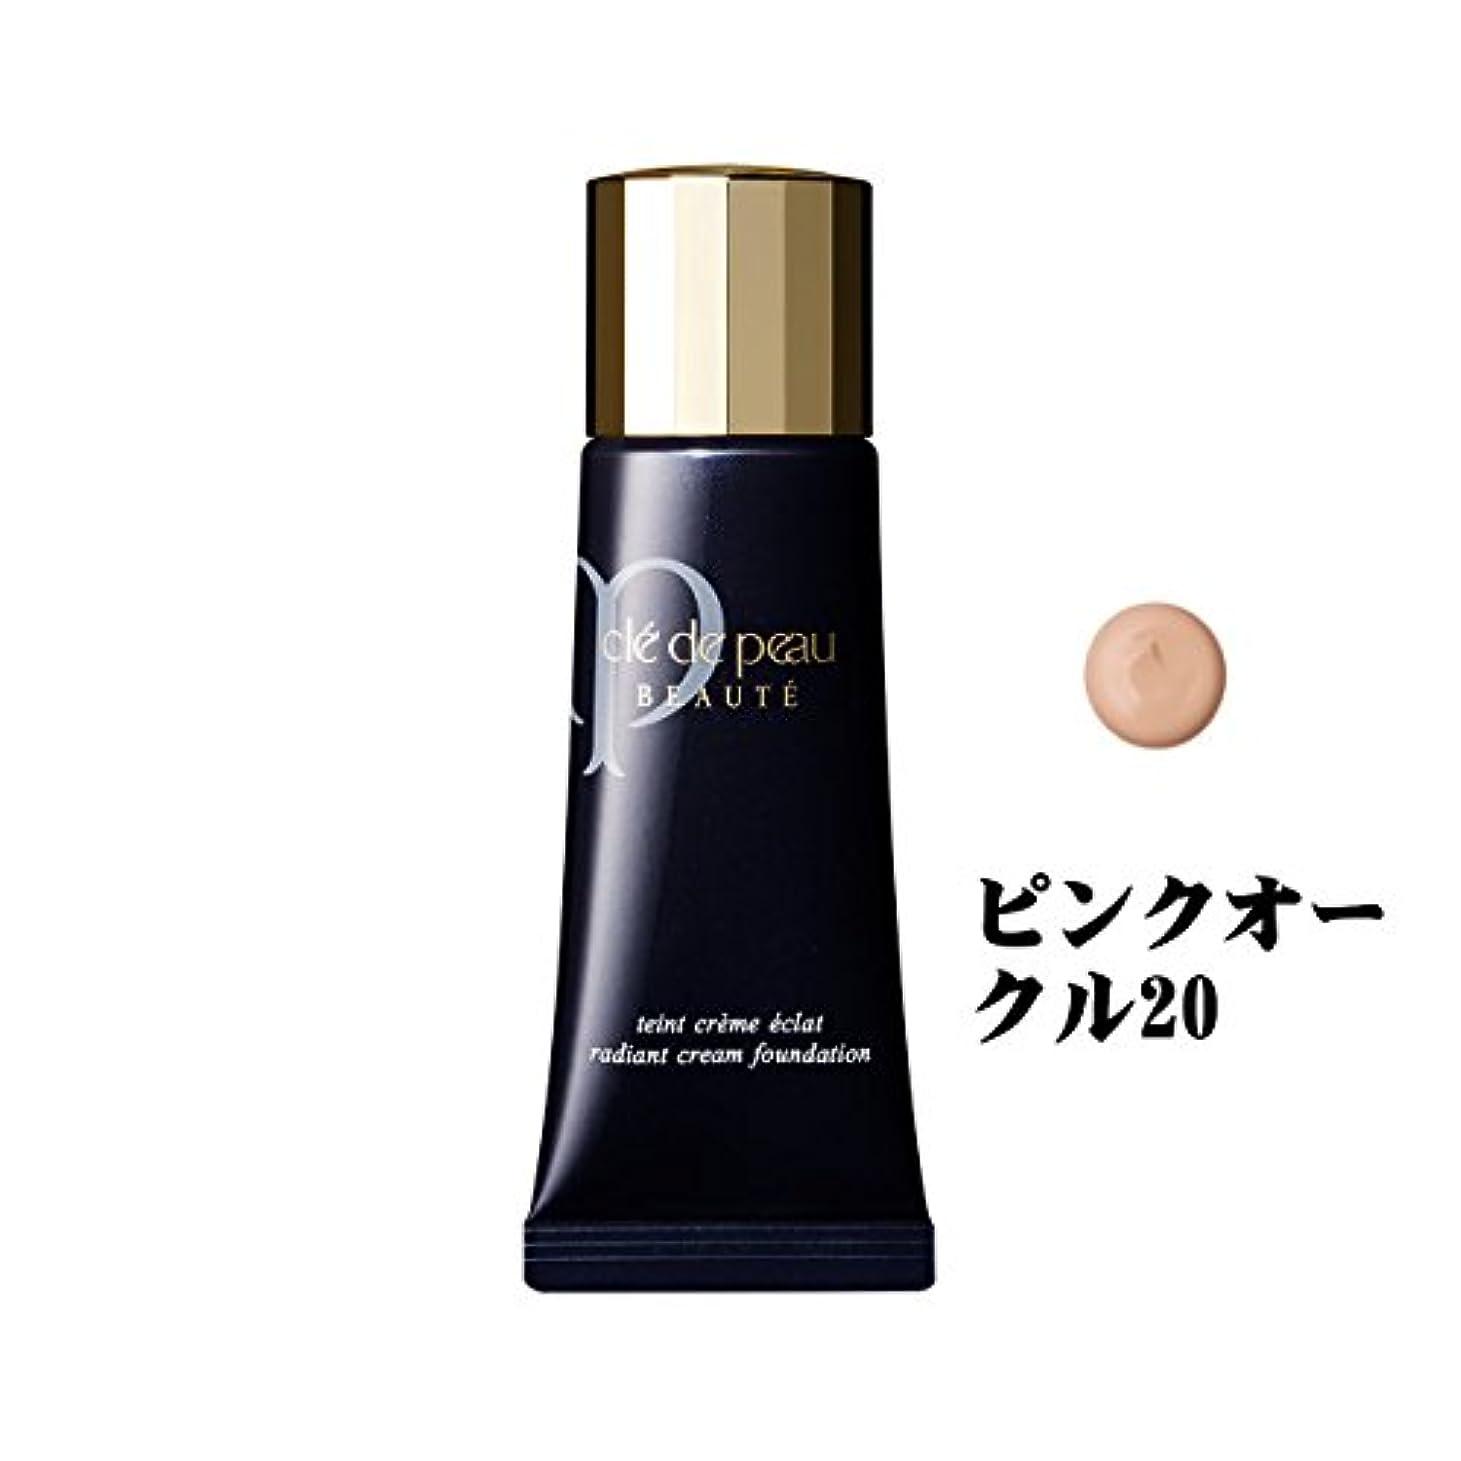 痛み服を洗う自治的資生堂/shiseido クレドポーボーテ/CPB タンクレームエクラ クリームタイプ SPF25?PA++ ピンクオークル20